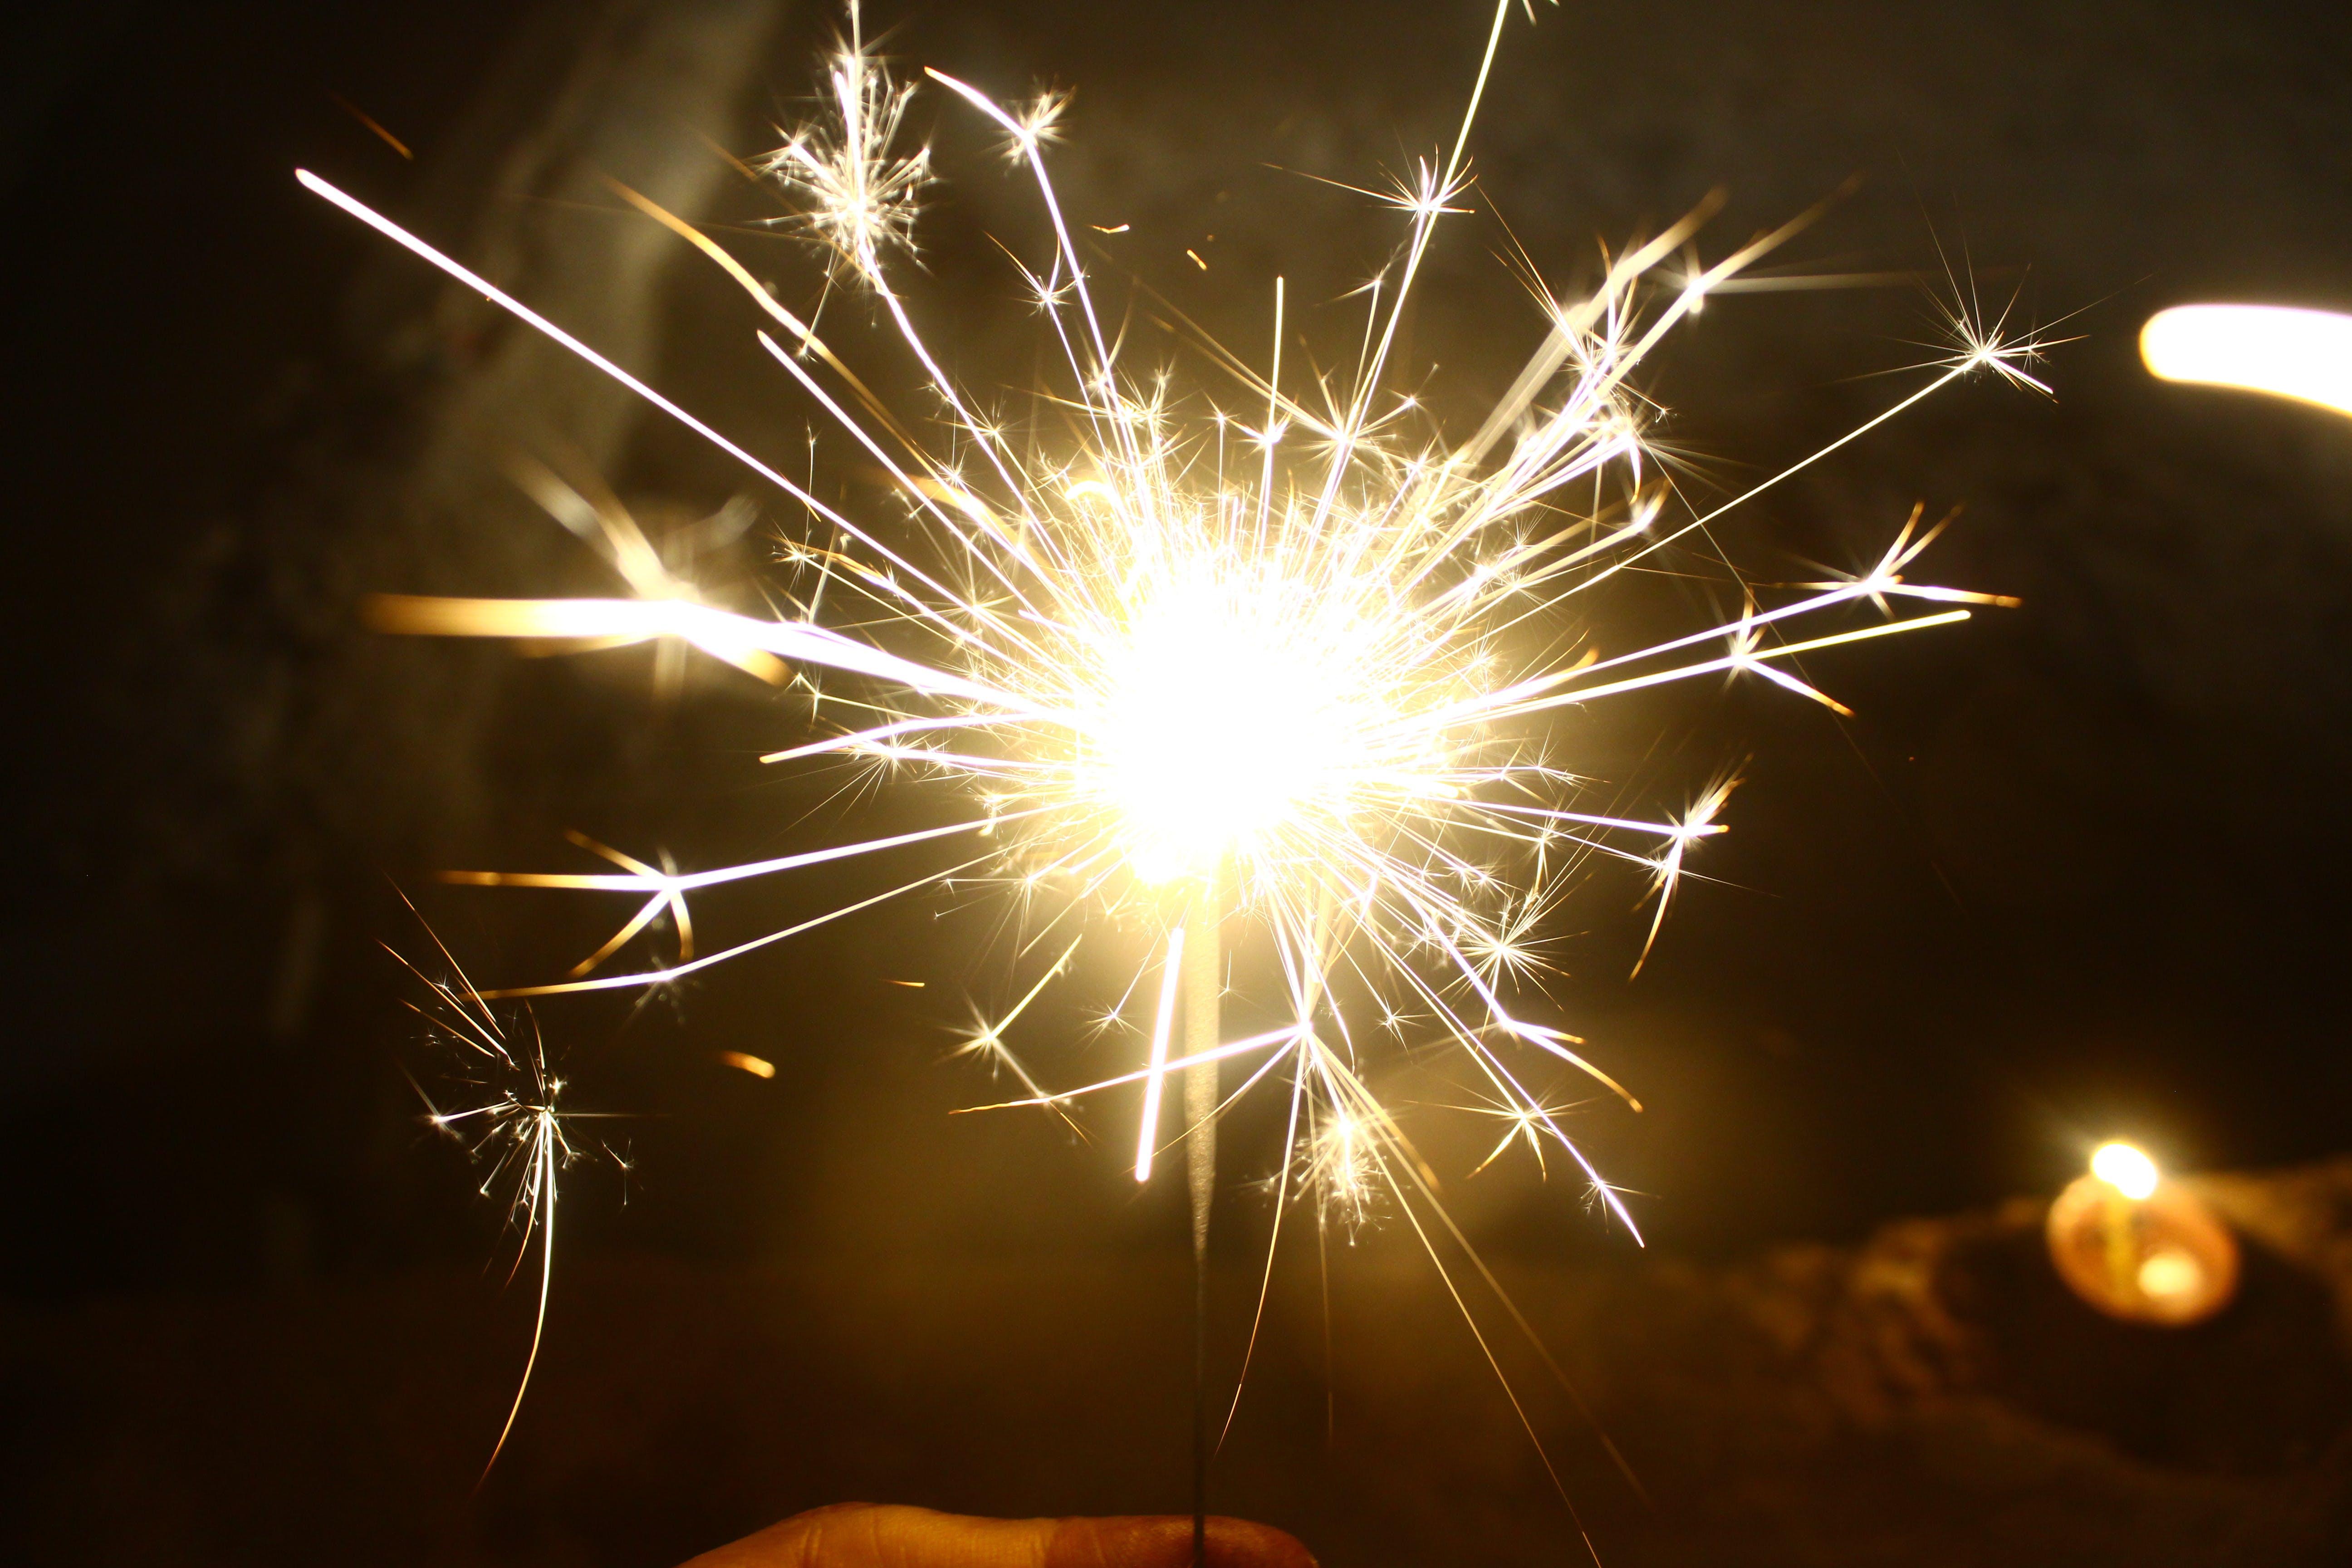 de abrigado, Año nuevo, atractivo, bengala